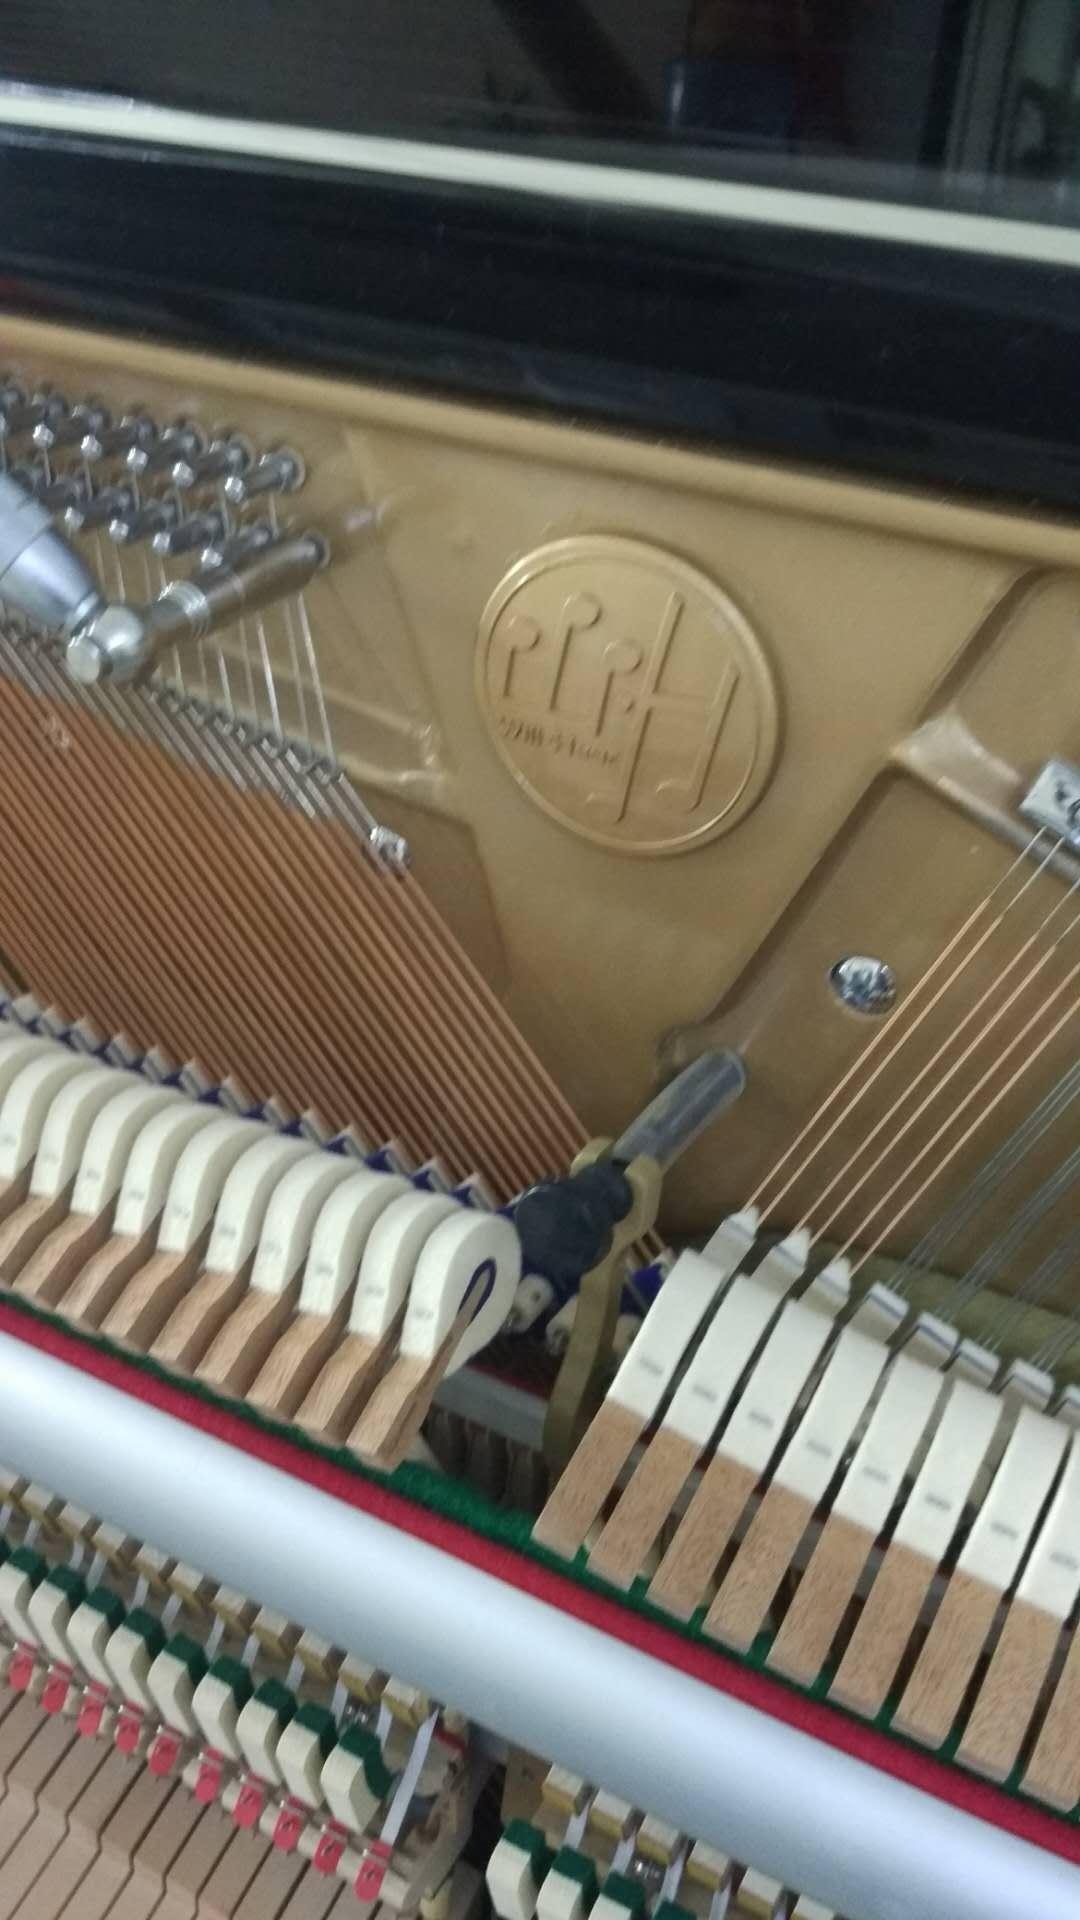 Will·Hear威尔赫怡UP-123立式钢琴调律,石家庄钢琴调律和维修电话:15830649179